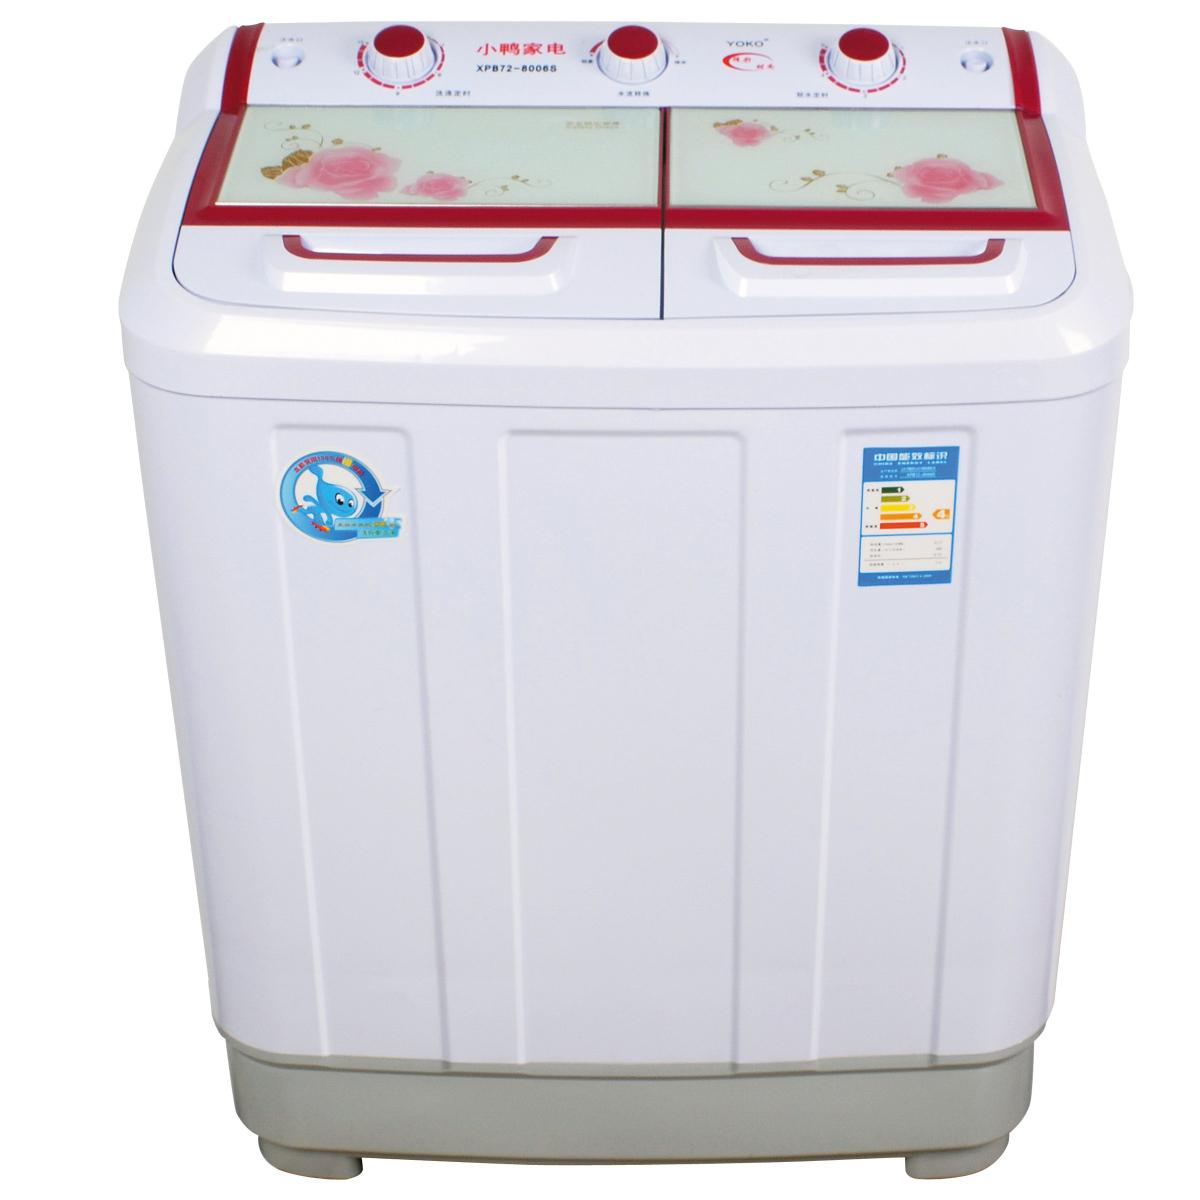 小天鹅全自动波轮洗衣机